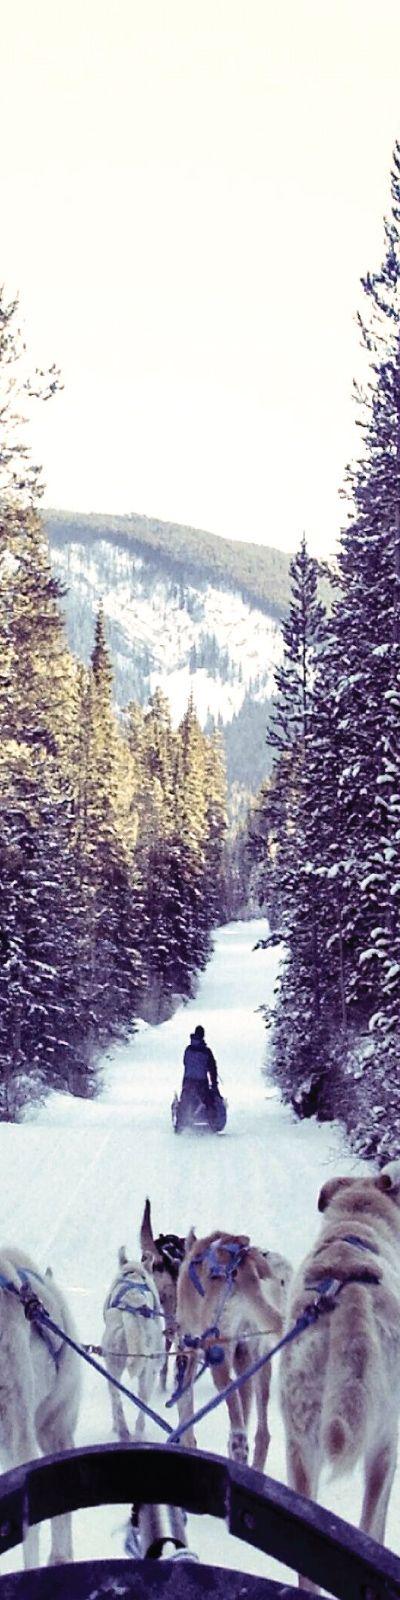 Oppleve en Hundekjøring  | En spennende opplevelse som huskes. Man suser gjennom vinterdekt skog, trukket av ivrige hunder og det kreves ingen erfaring for å kjøre selv. Desidert vinterens vakreste eventyr.